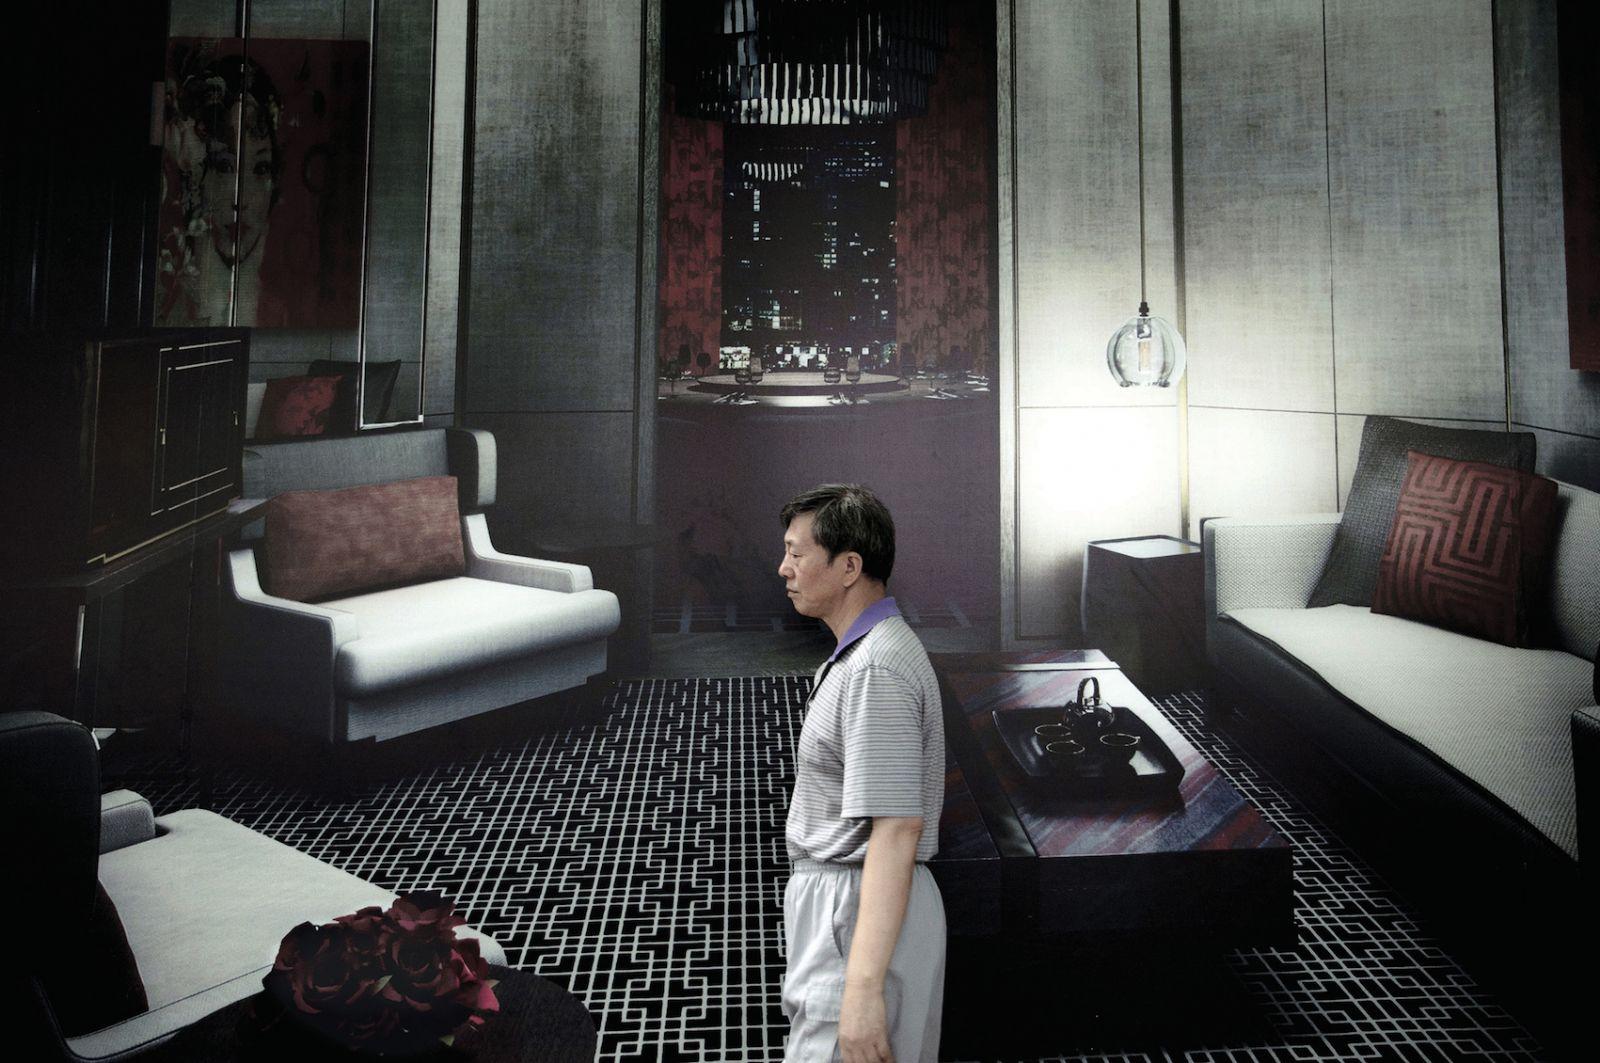 sara-acremann-homme-dans-un-salon-2011-photographie-numerique-109x164cm-d64f3c597a0f3b7abd3fbd69c85d073f